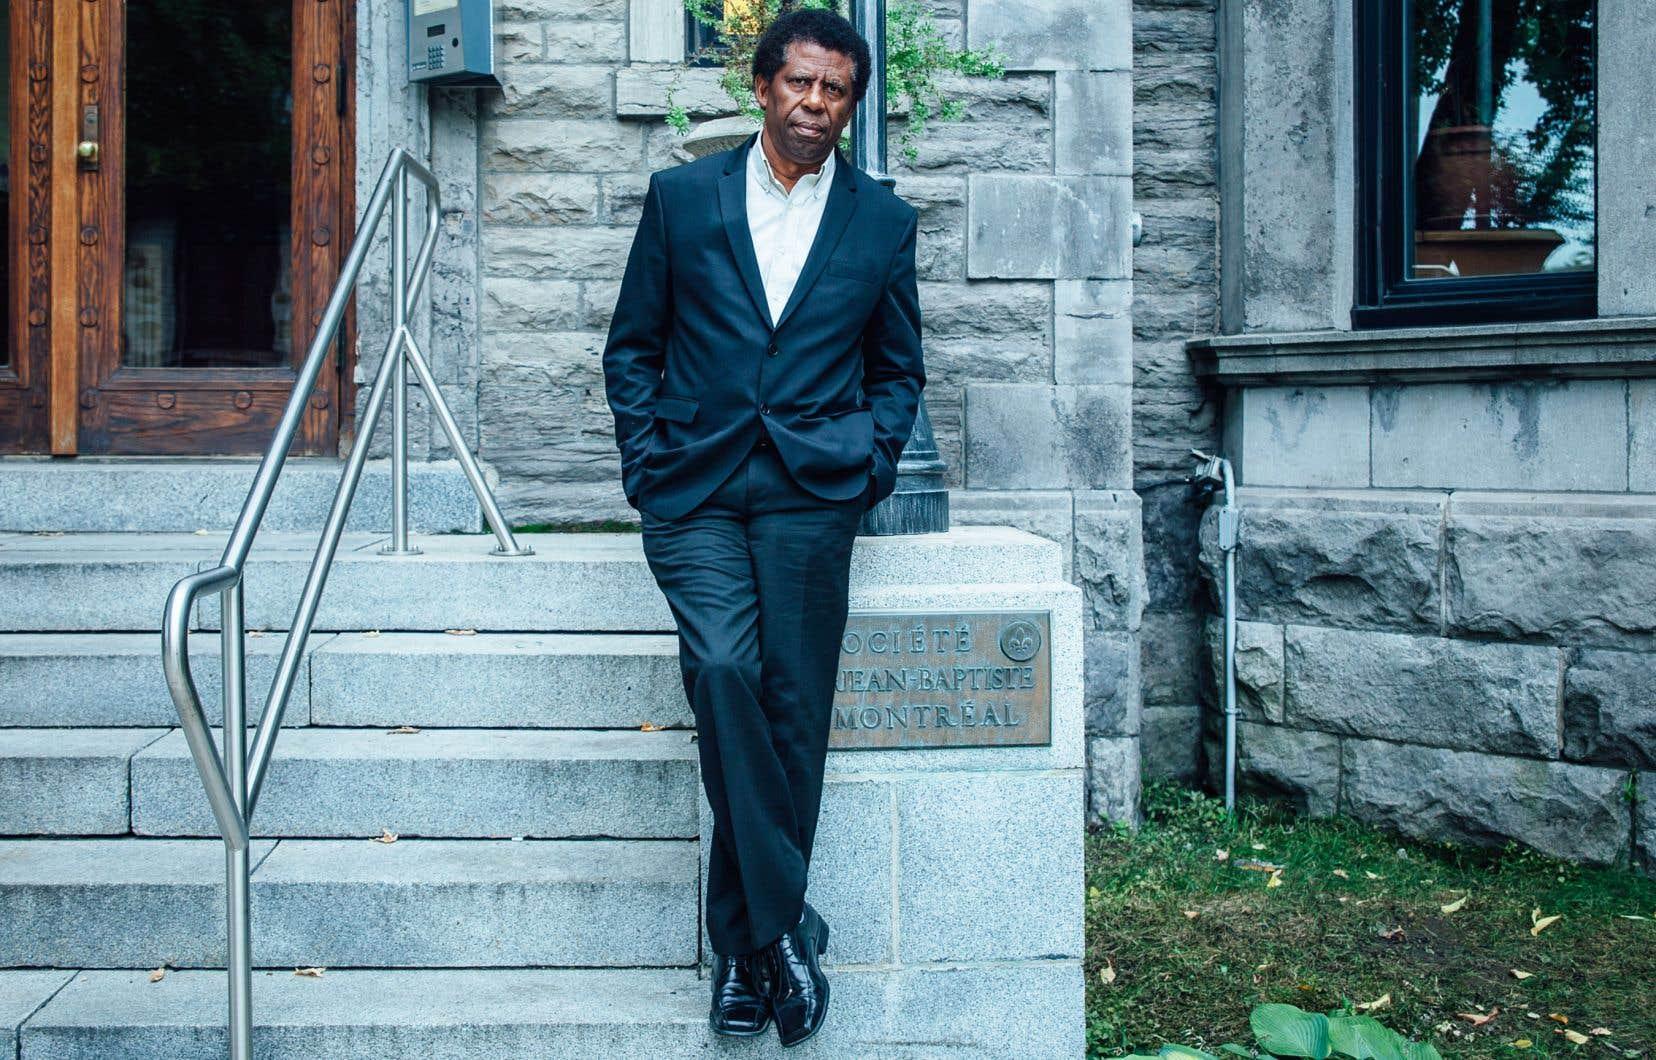 Le racisme aux États-Unis, où Dany Laferrière (photo) a vécu 15 ans, a justifié l'esclavage. C'est ce qui a assis et alimenté l'exploitation économique d'hommes et de femmes par d'autres. C'est ce qui a installé la violence raciale qui persiste aujourd'hui.